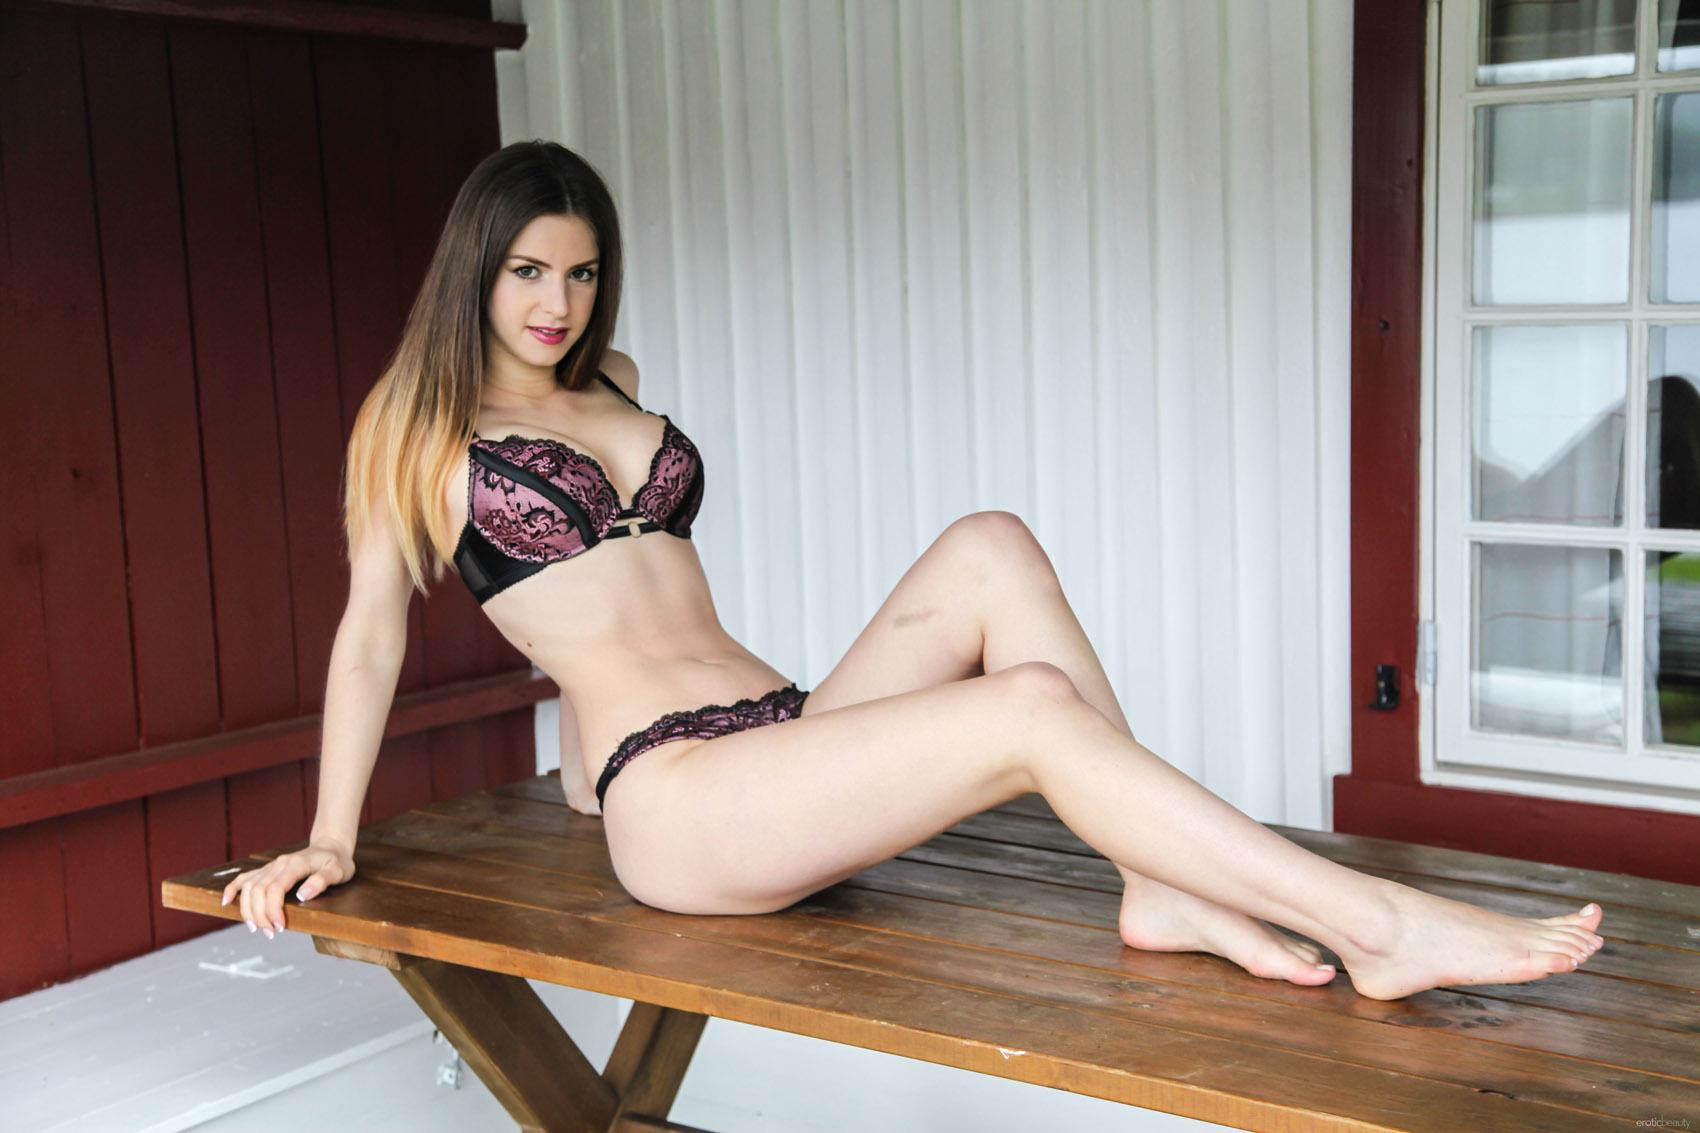 Homosexual Bodybuilders Girl Sexy Nudes String